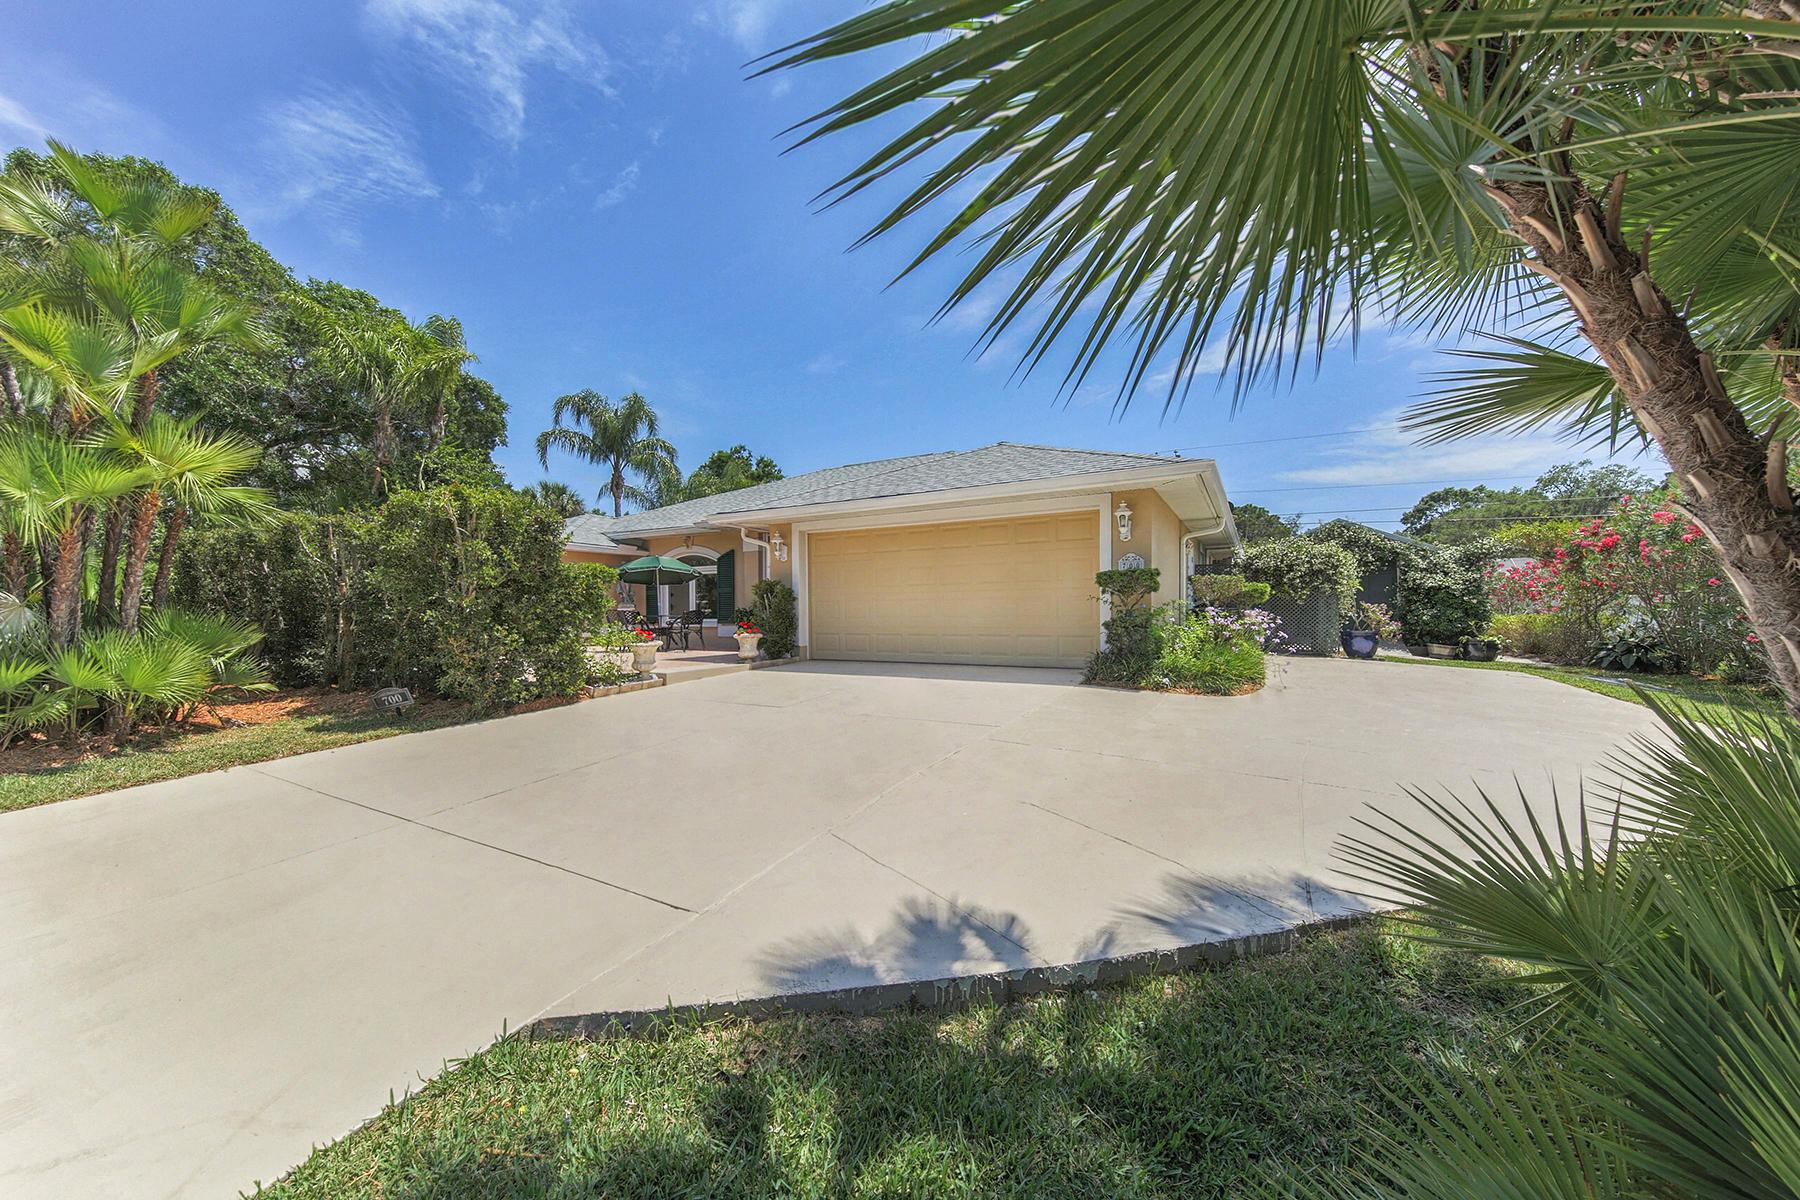 独户住宅 为 销售 在 SOUTH VENICE 700 Bradenton Rd 威尼斯, 佛罗里达州, 34293 美国